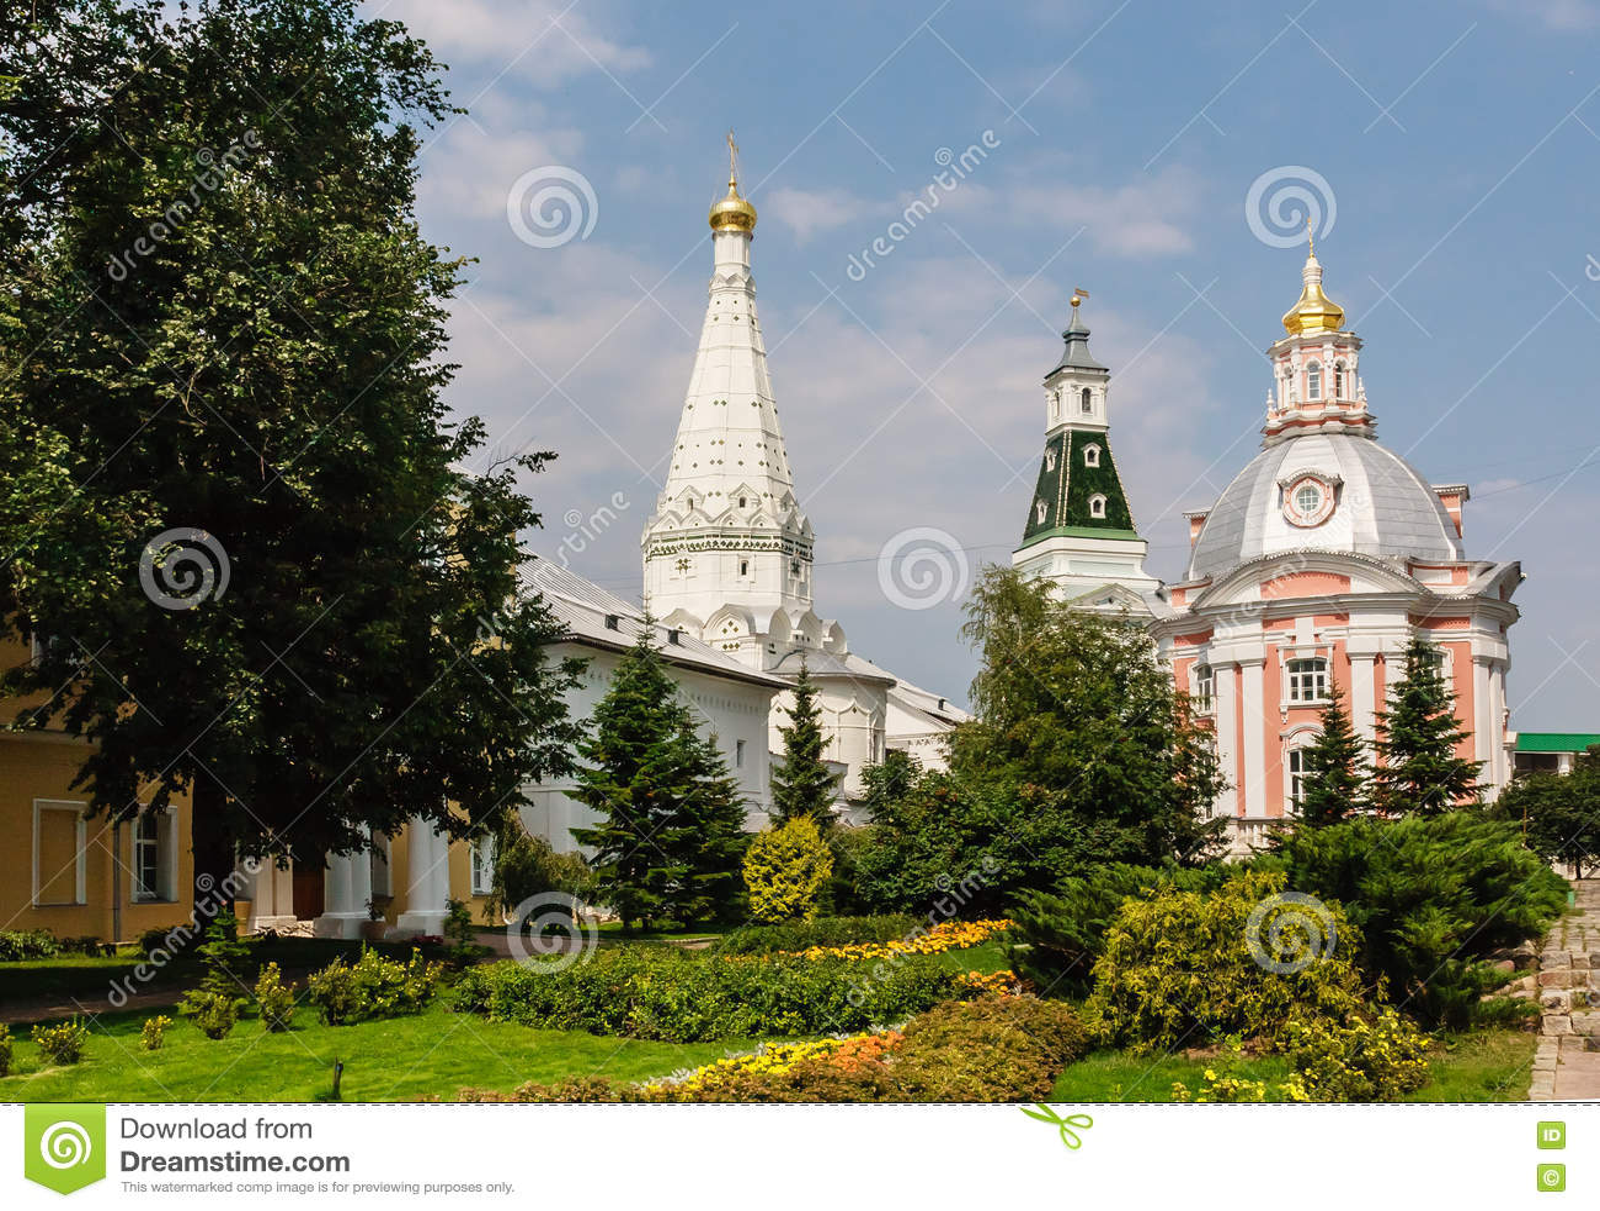 Церковь значка Смоленска матери бога, висок в честь St Zosima и Savvatiy Solovki и калиша возвышаются святейше